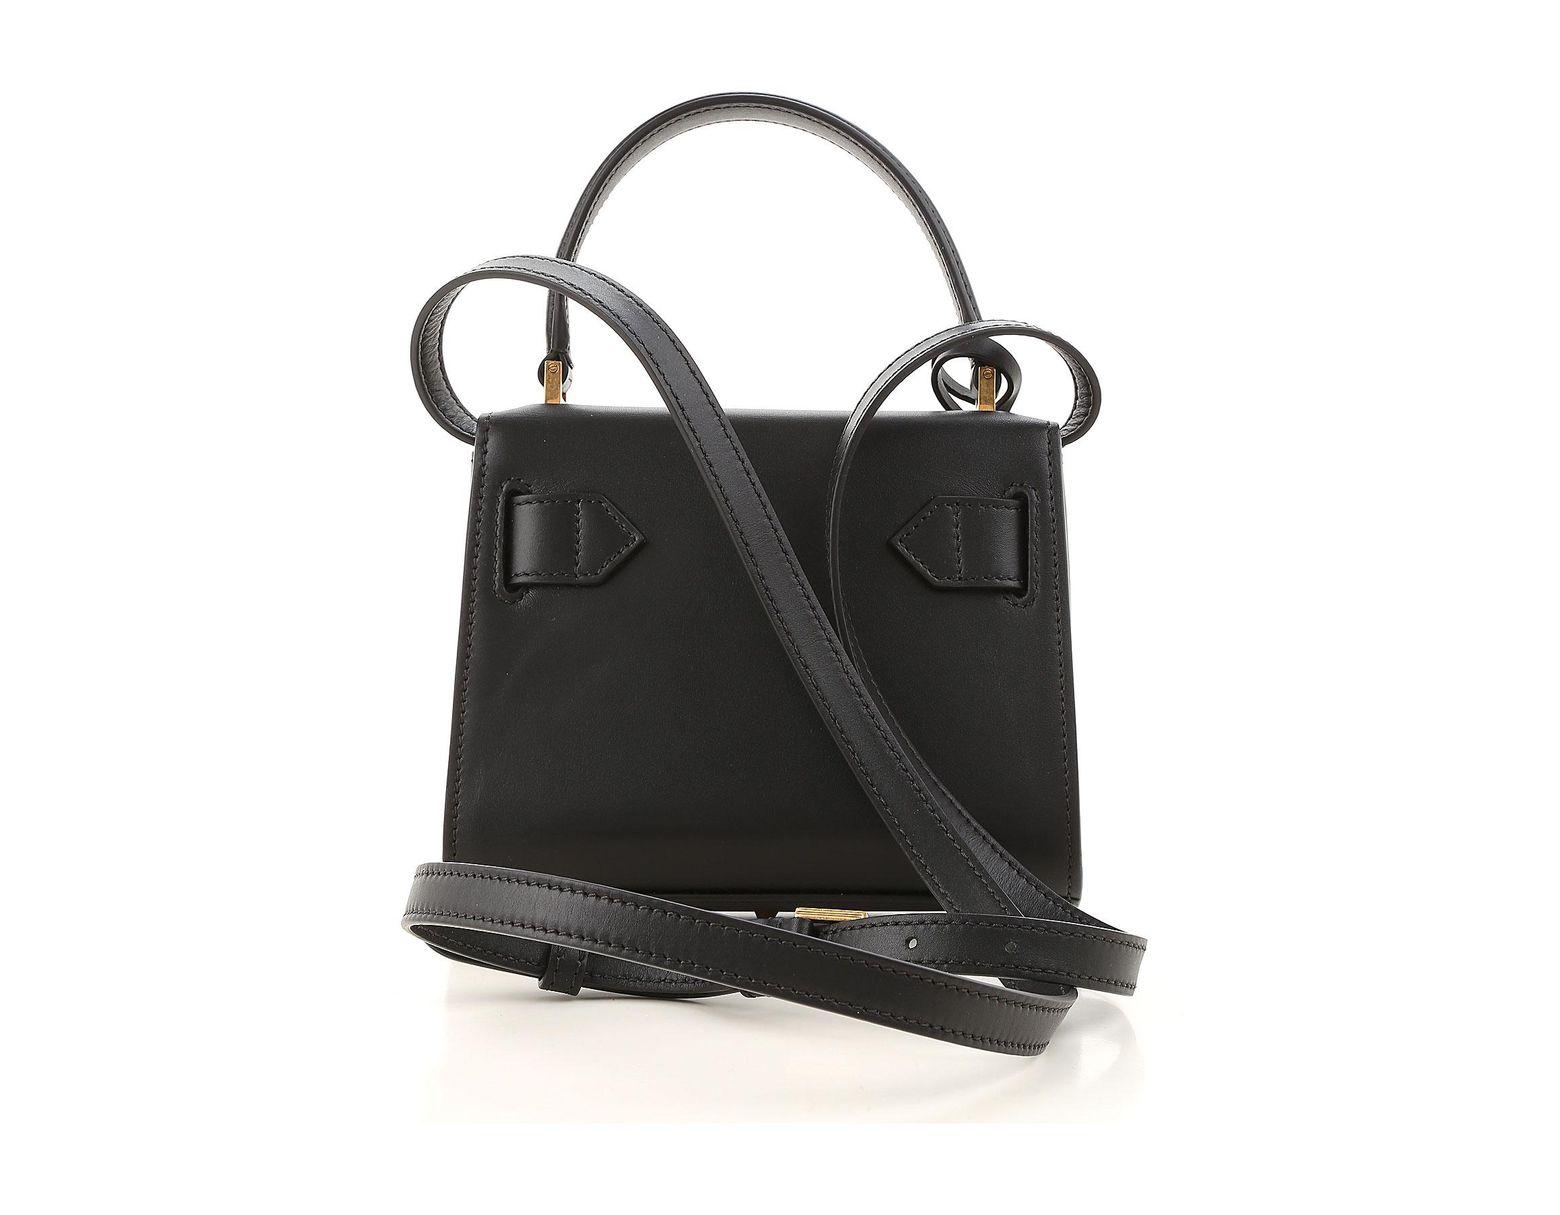 eae5eb4c00 Sac Bandoulière Femme Pas cher en Soldes Versace en coloris Noir - Lyst